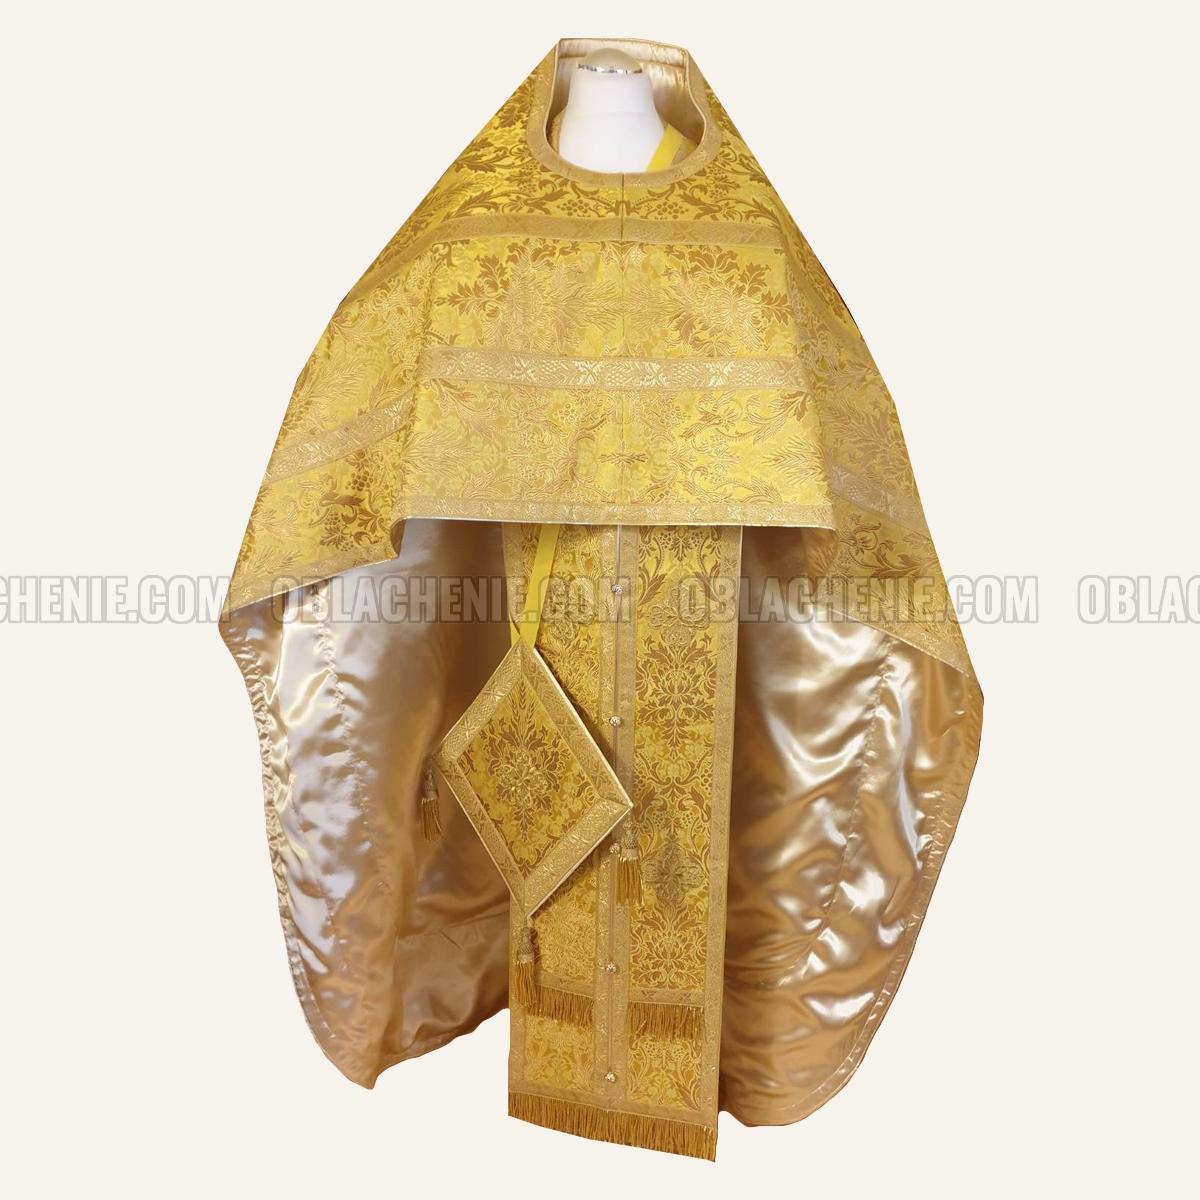 PRIEST'S VESTMENTS 10980